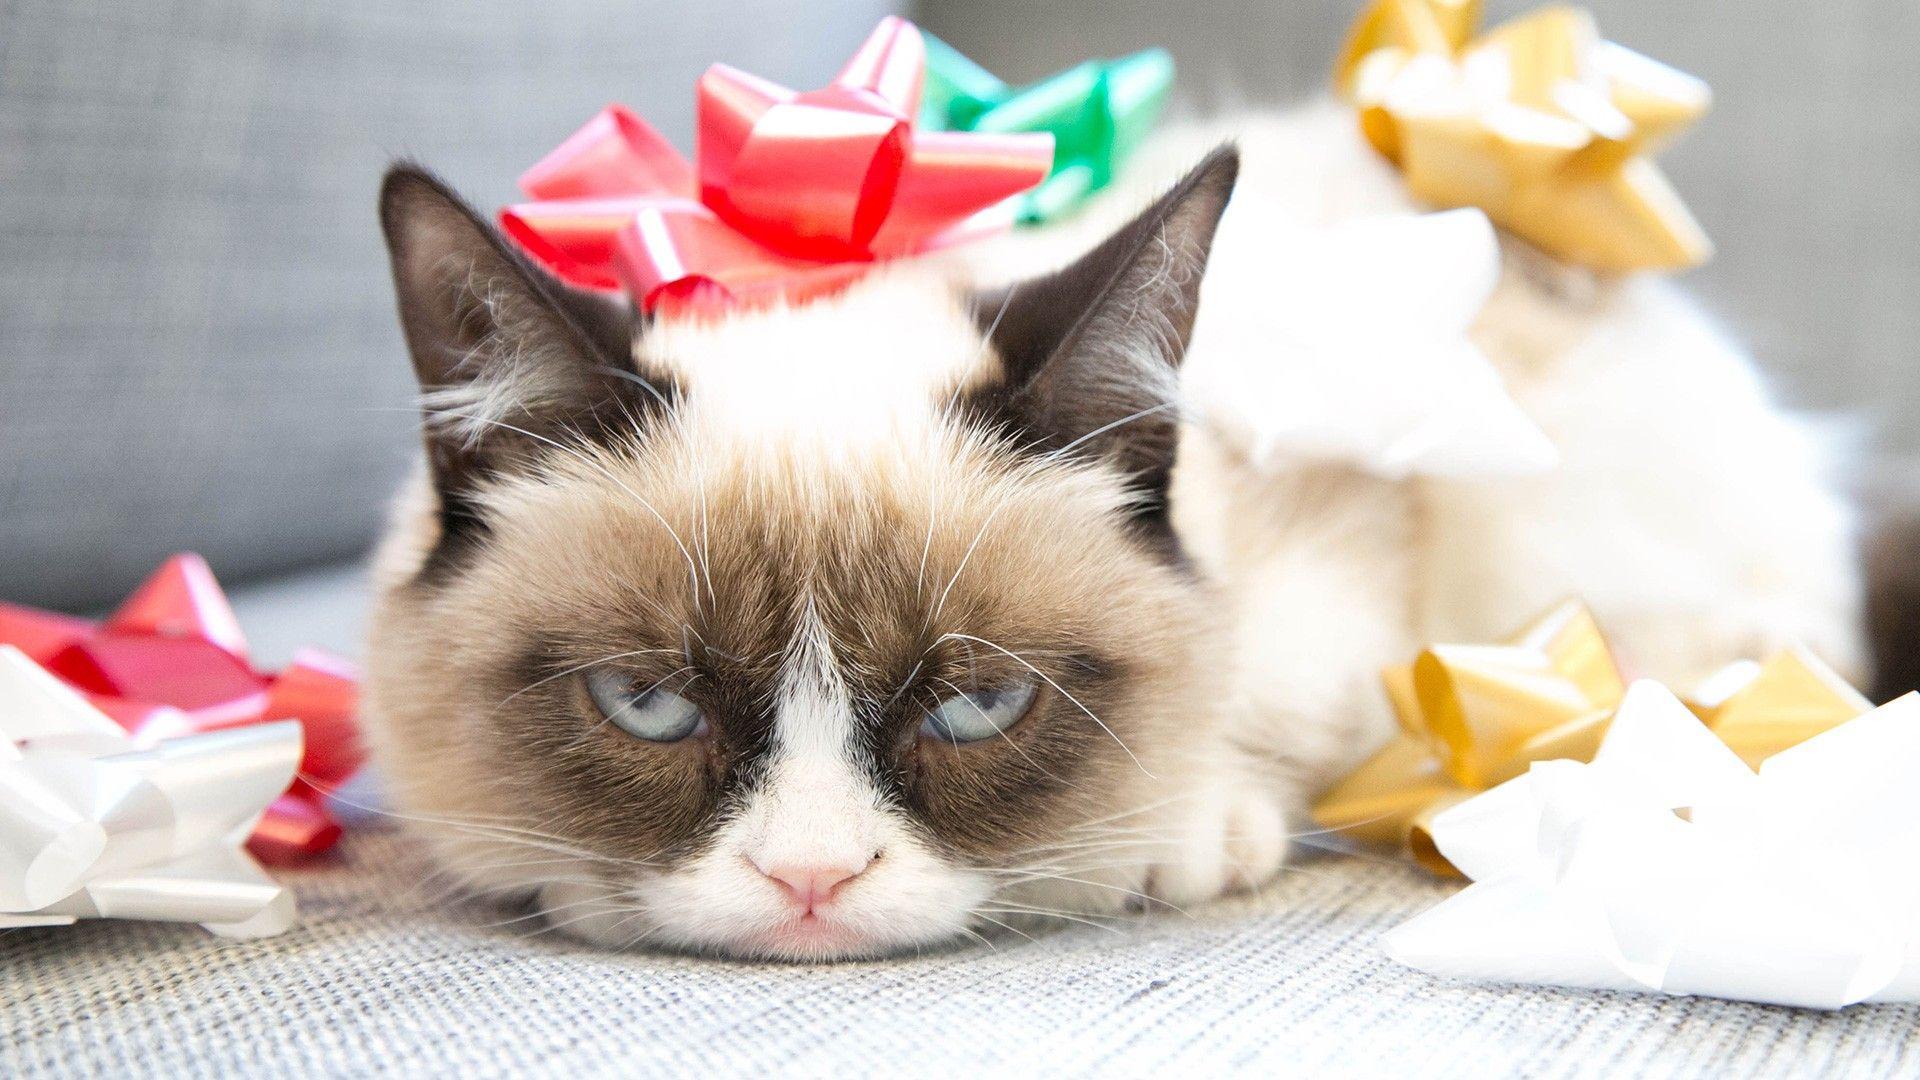 За что ненавидят день рождения: усталость, депрессия и самоубийство